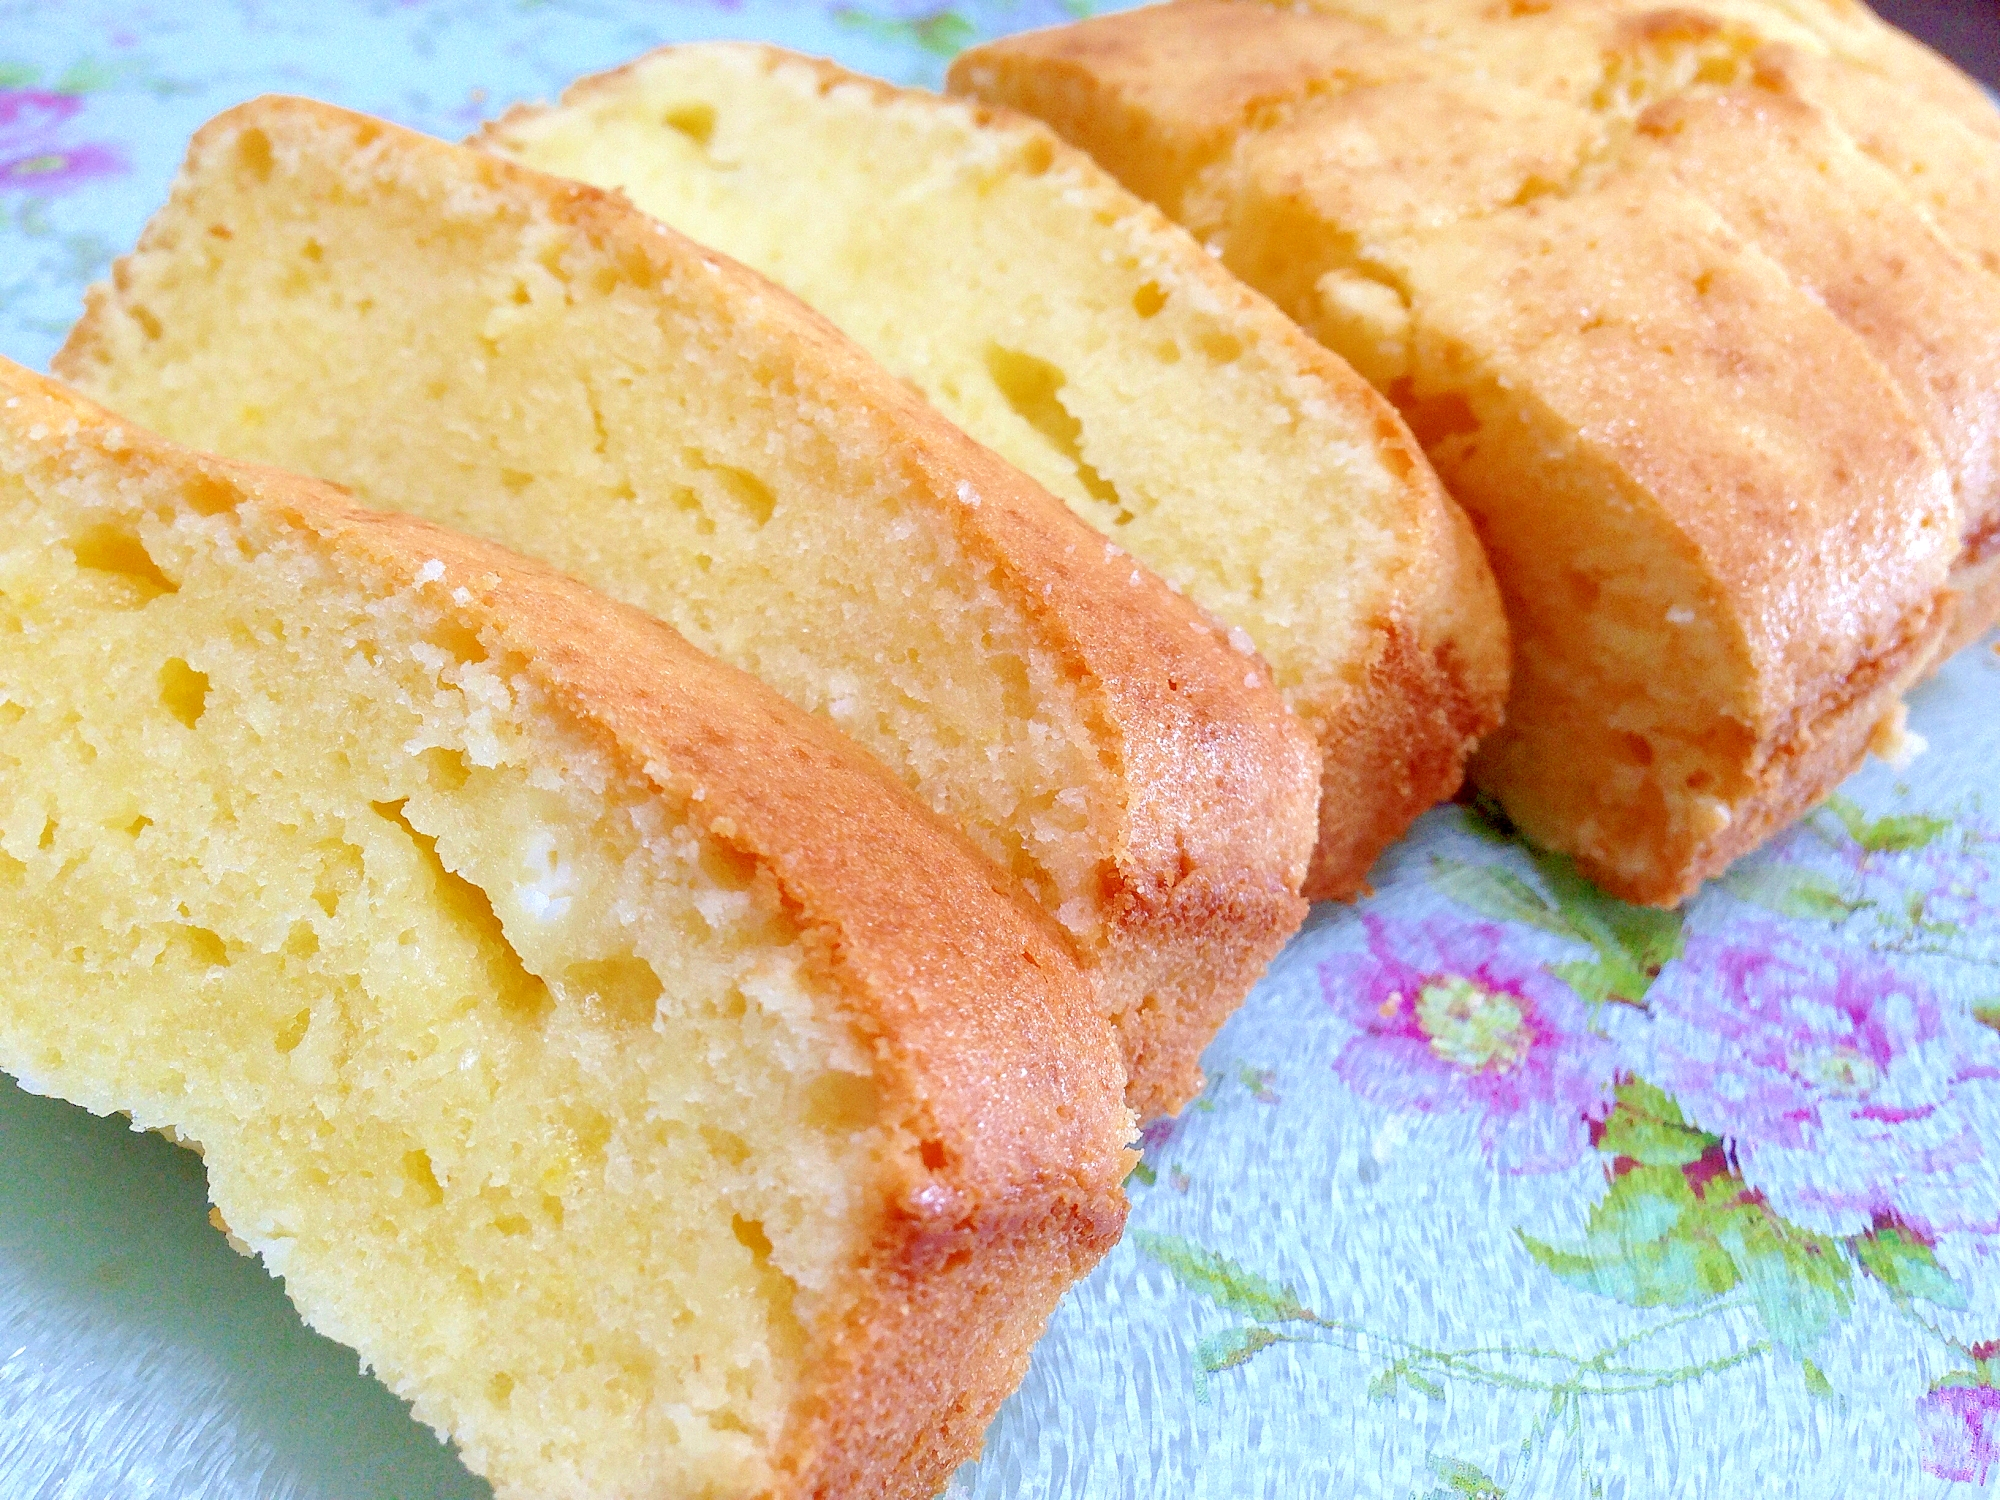 ふんわり濃厚☆クリームチーズのパウンドケーキ